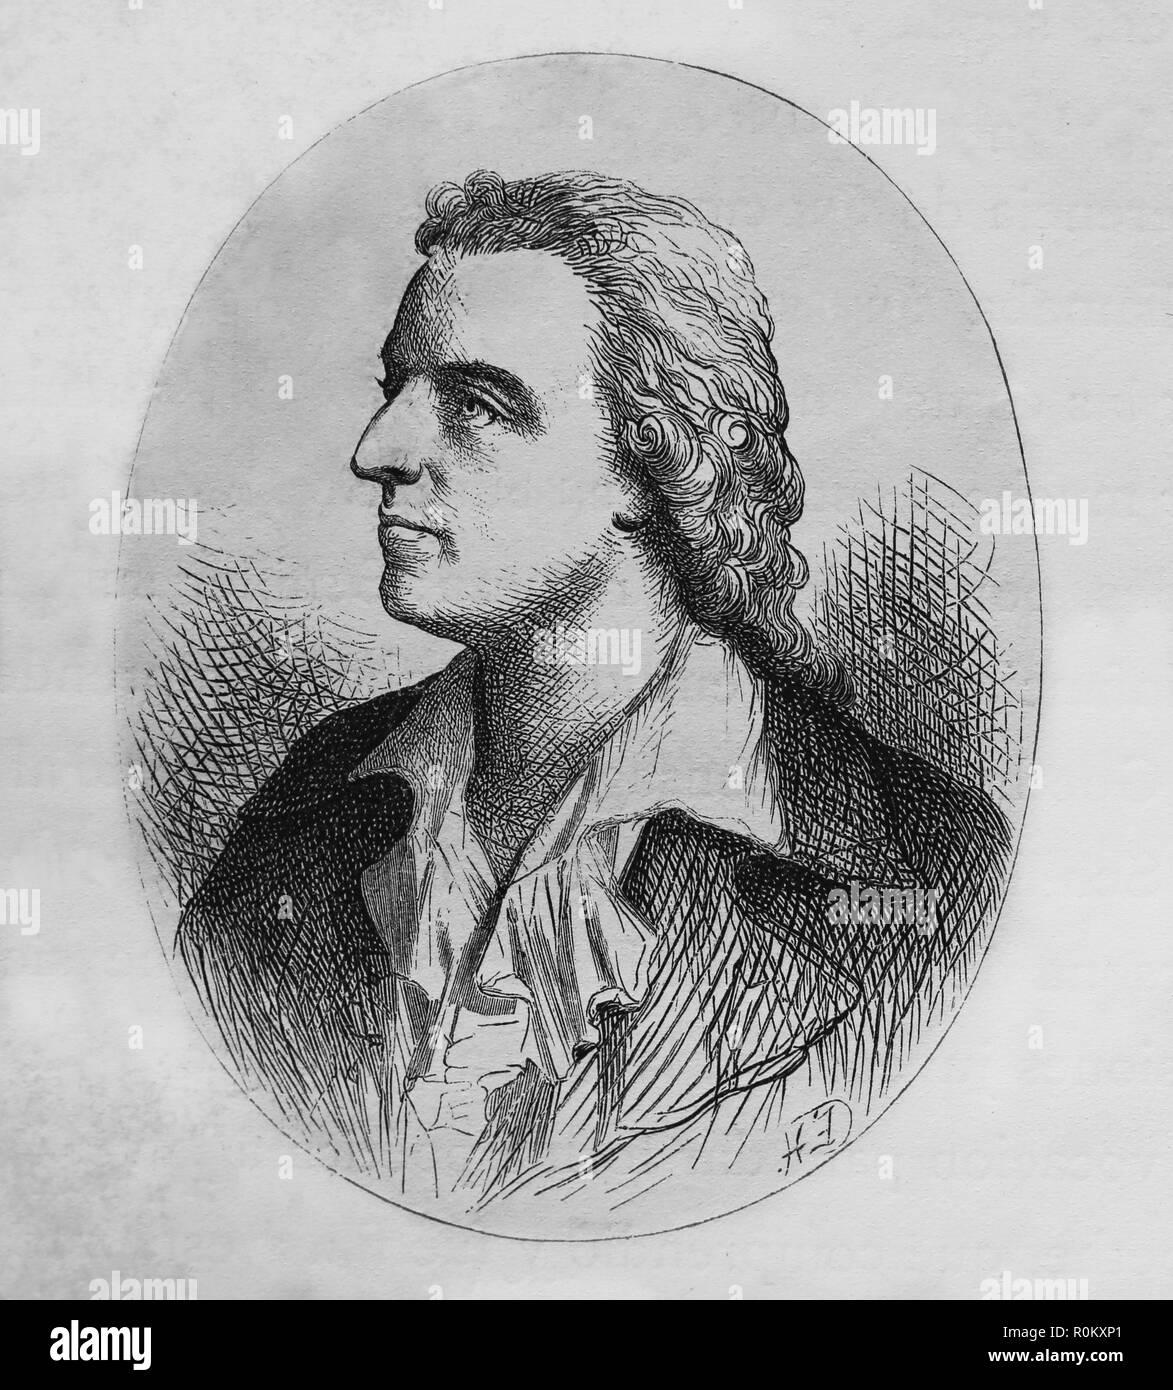 Friedrich Schiller (1759-1805). Deutsche Schriftsteller. Mitglied der Weimarer Klassik. Gravur der Germania, 1882. Stockbild